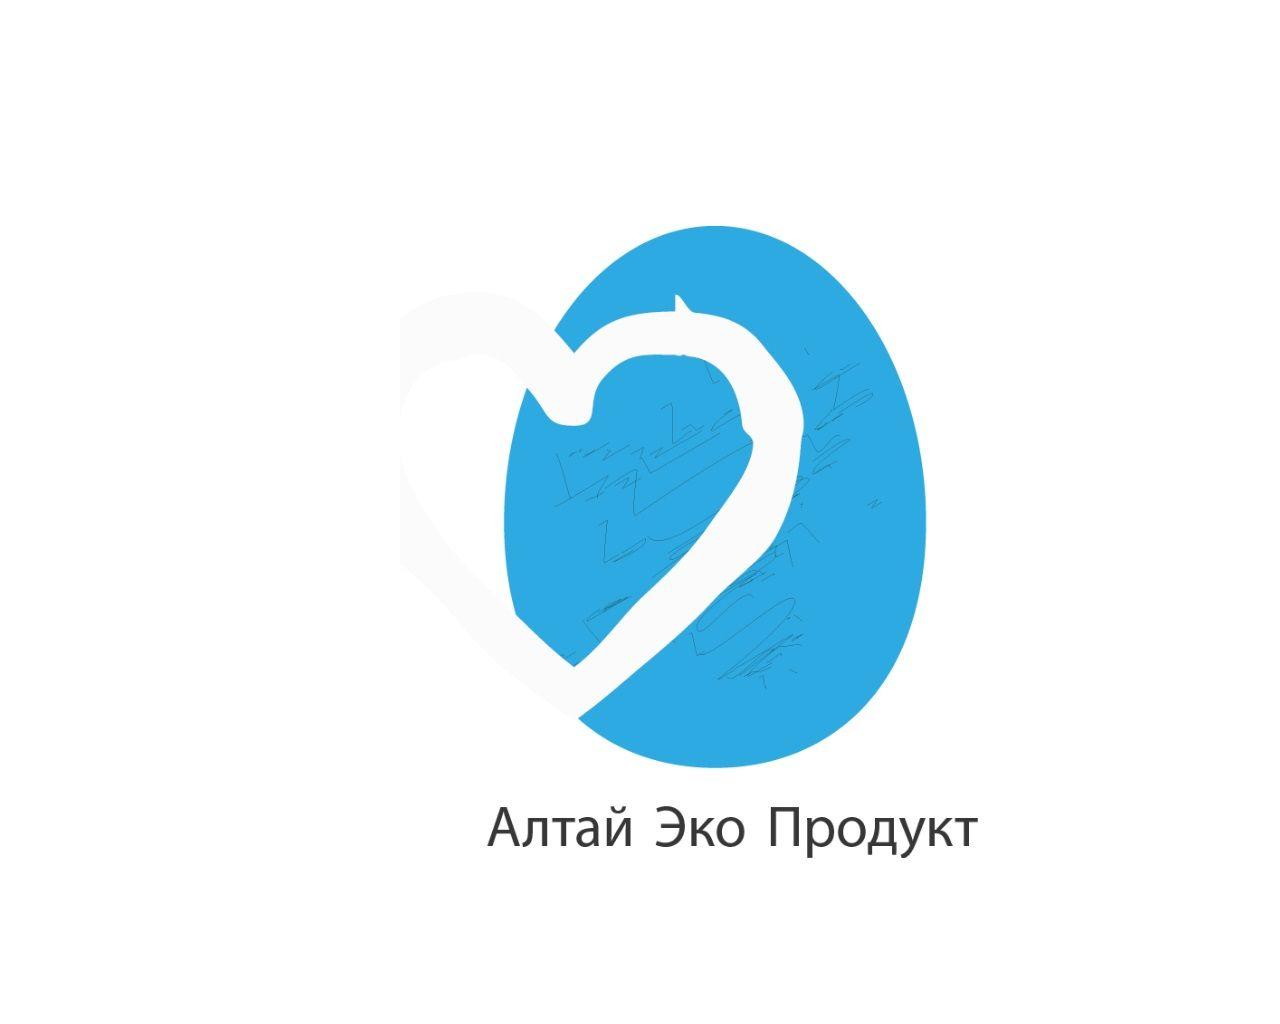 Лого и упаковка для Алтай Эко Продукт - дизайнер BeSSpaloFF